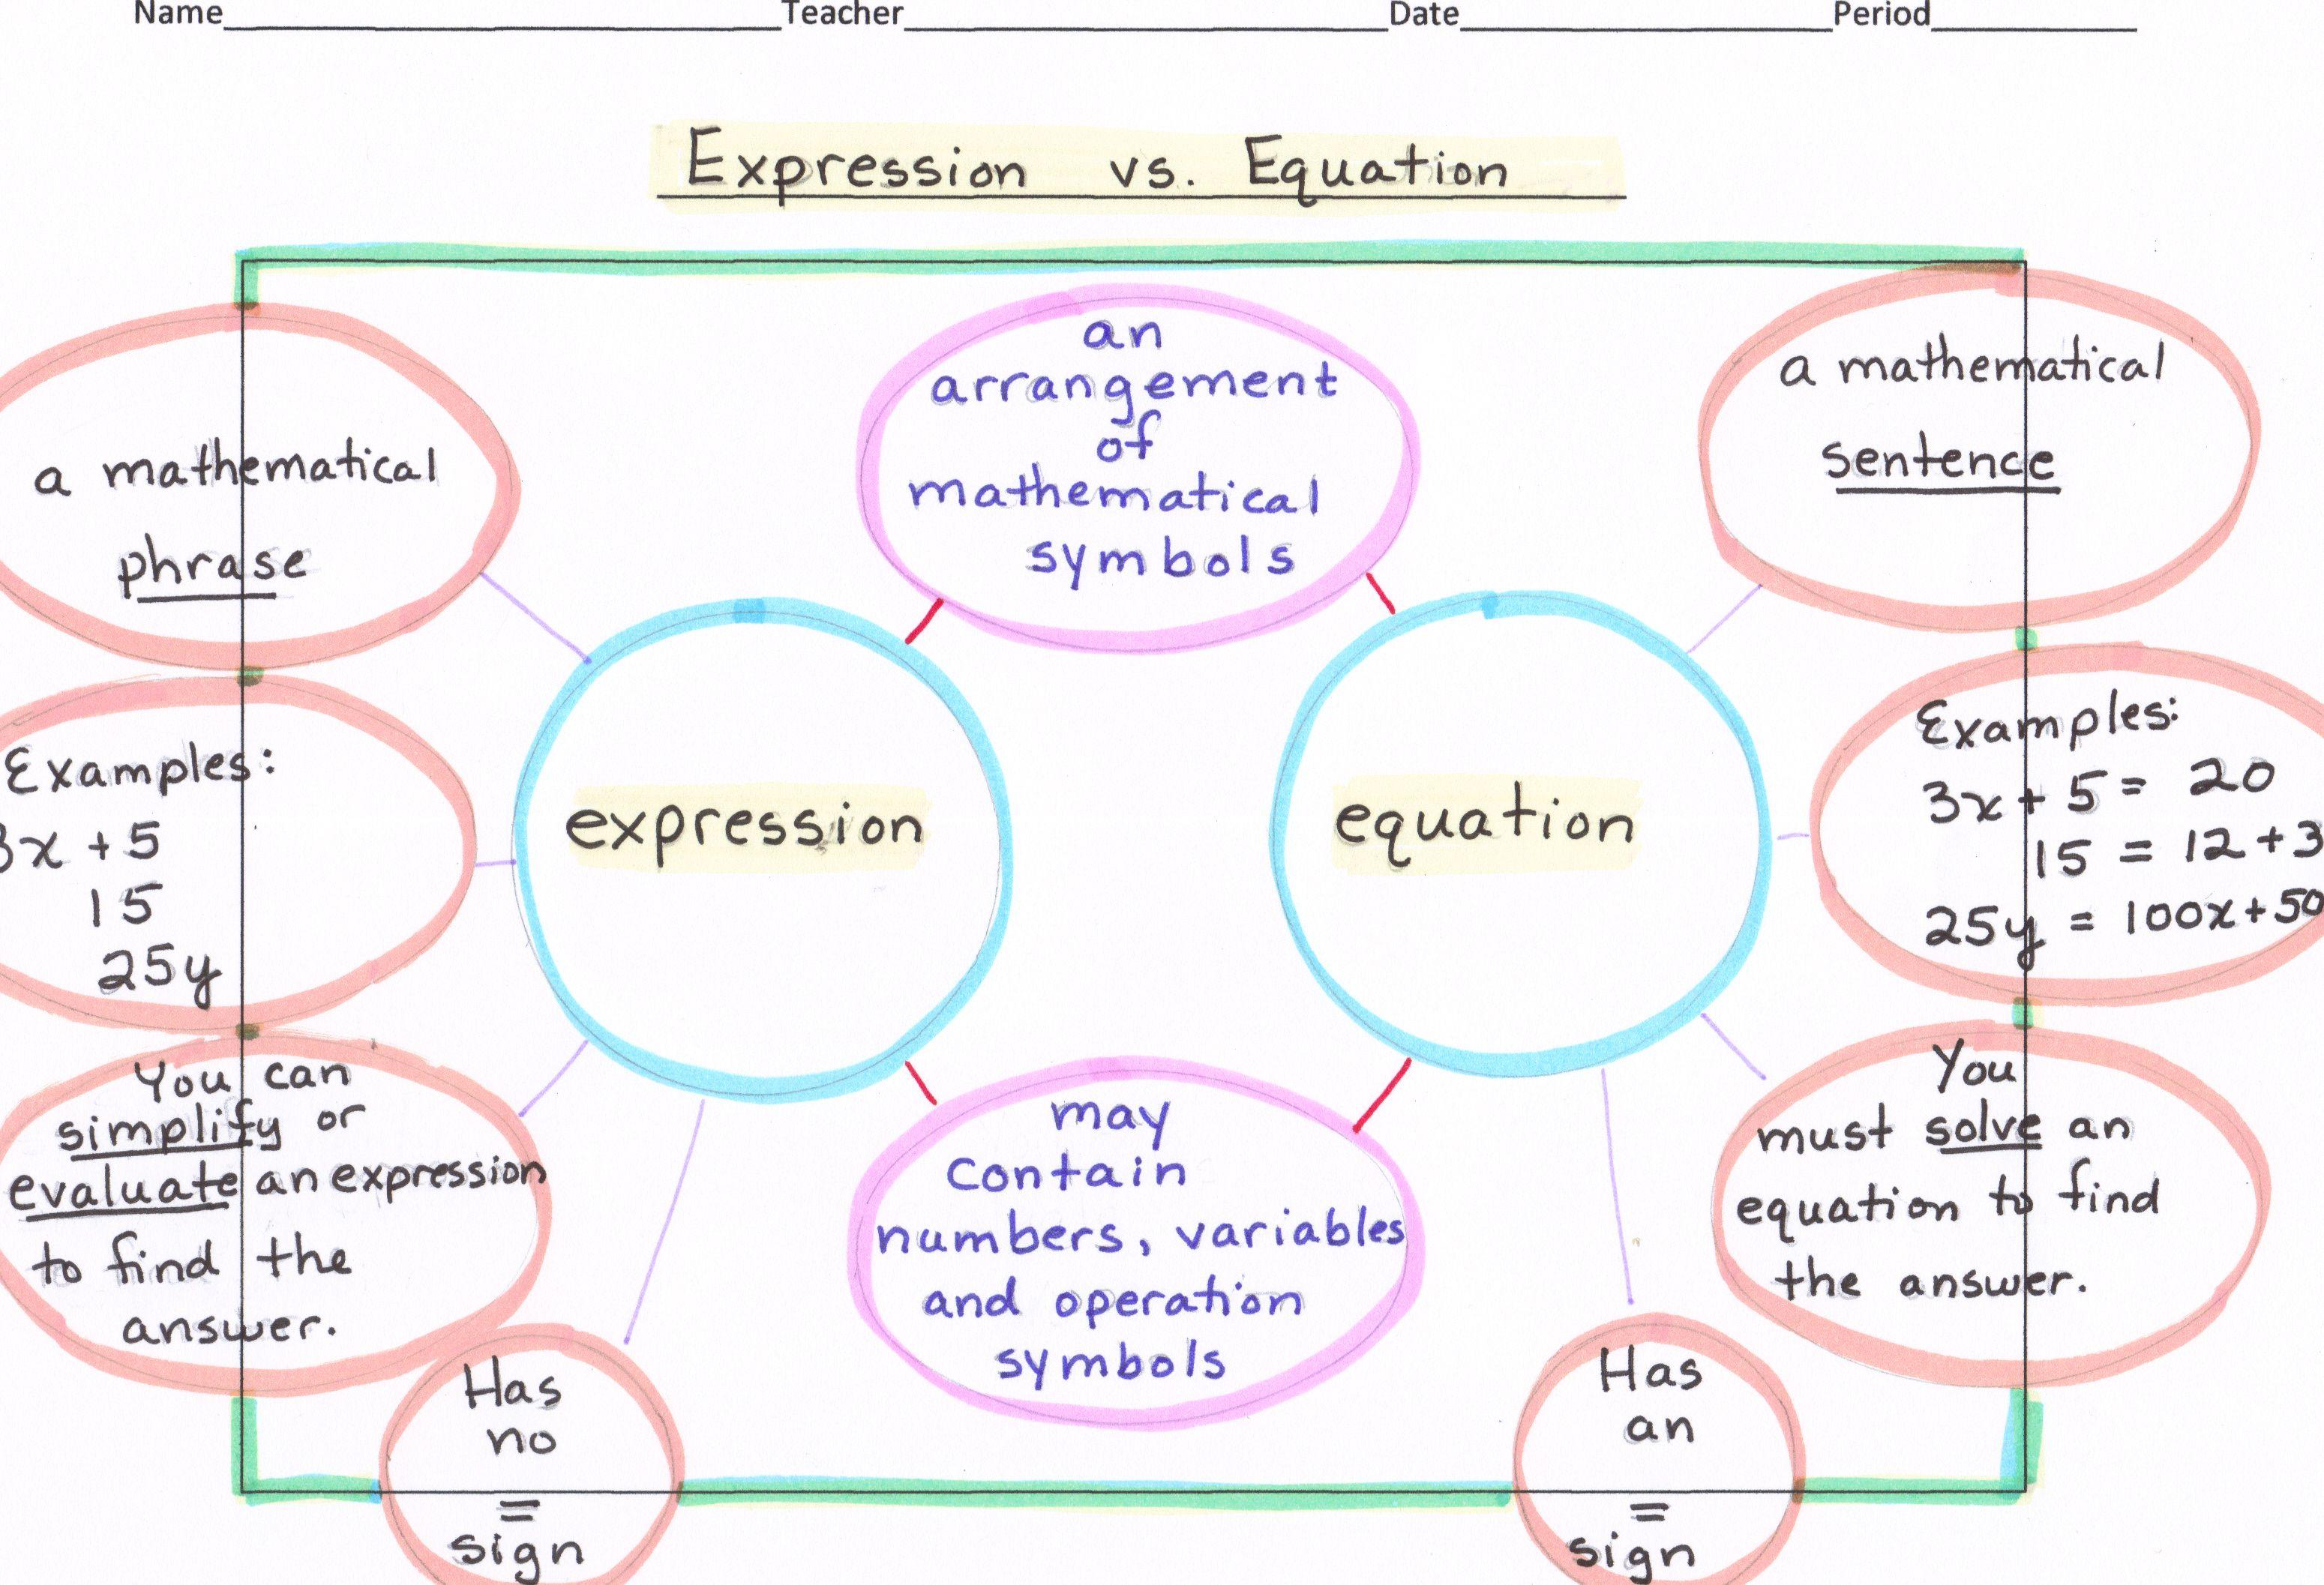 Math Algebra Double Bubble Map Expression Vs